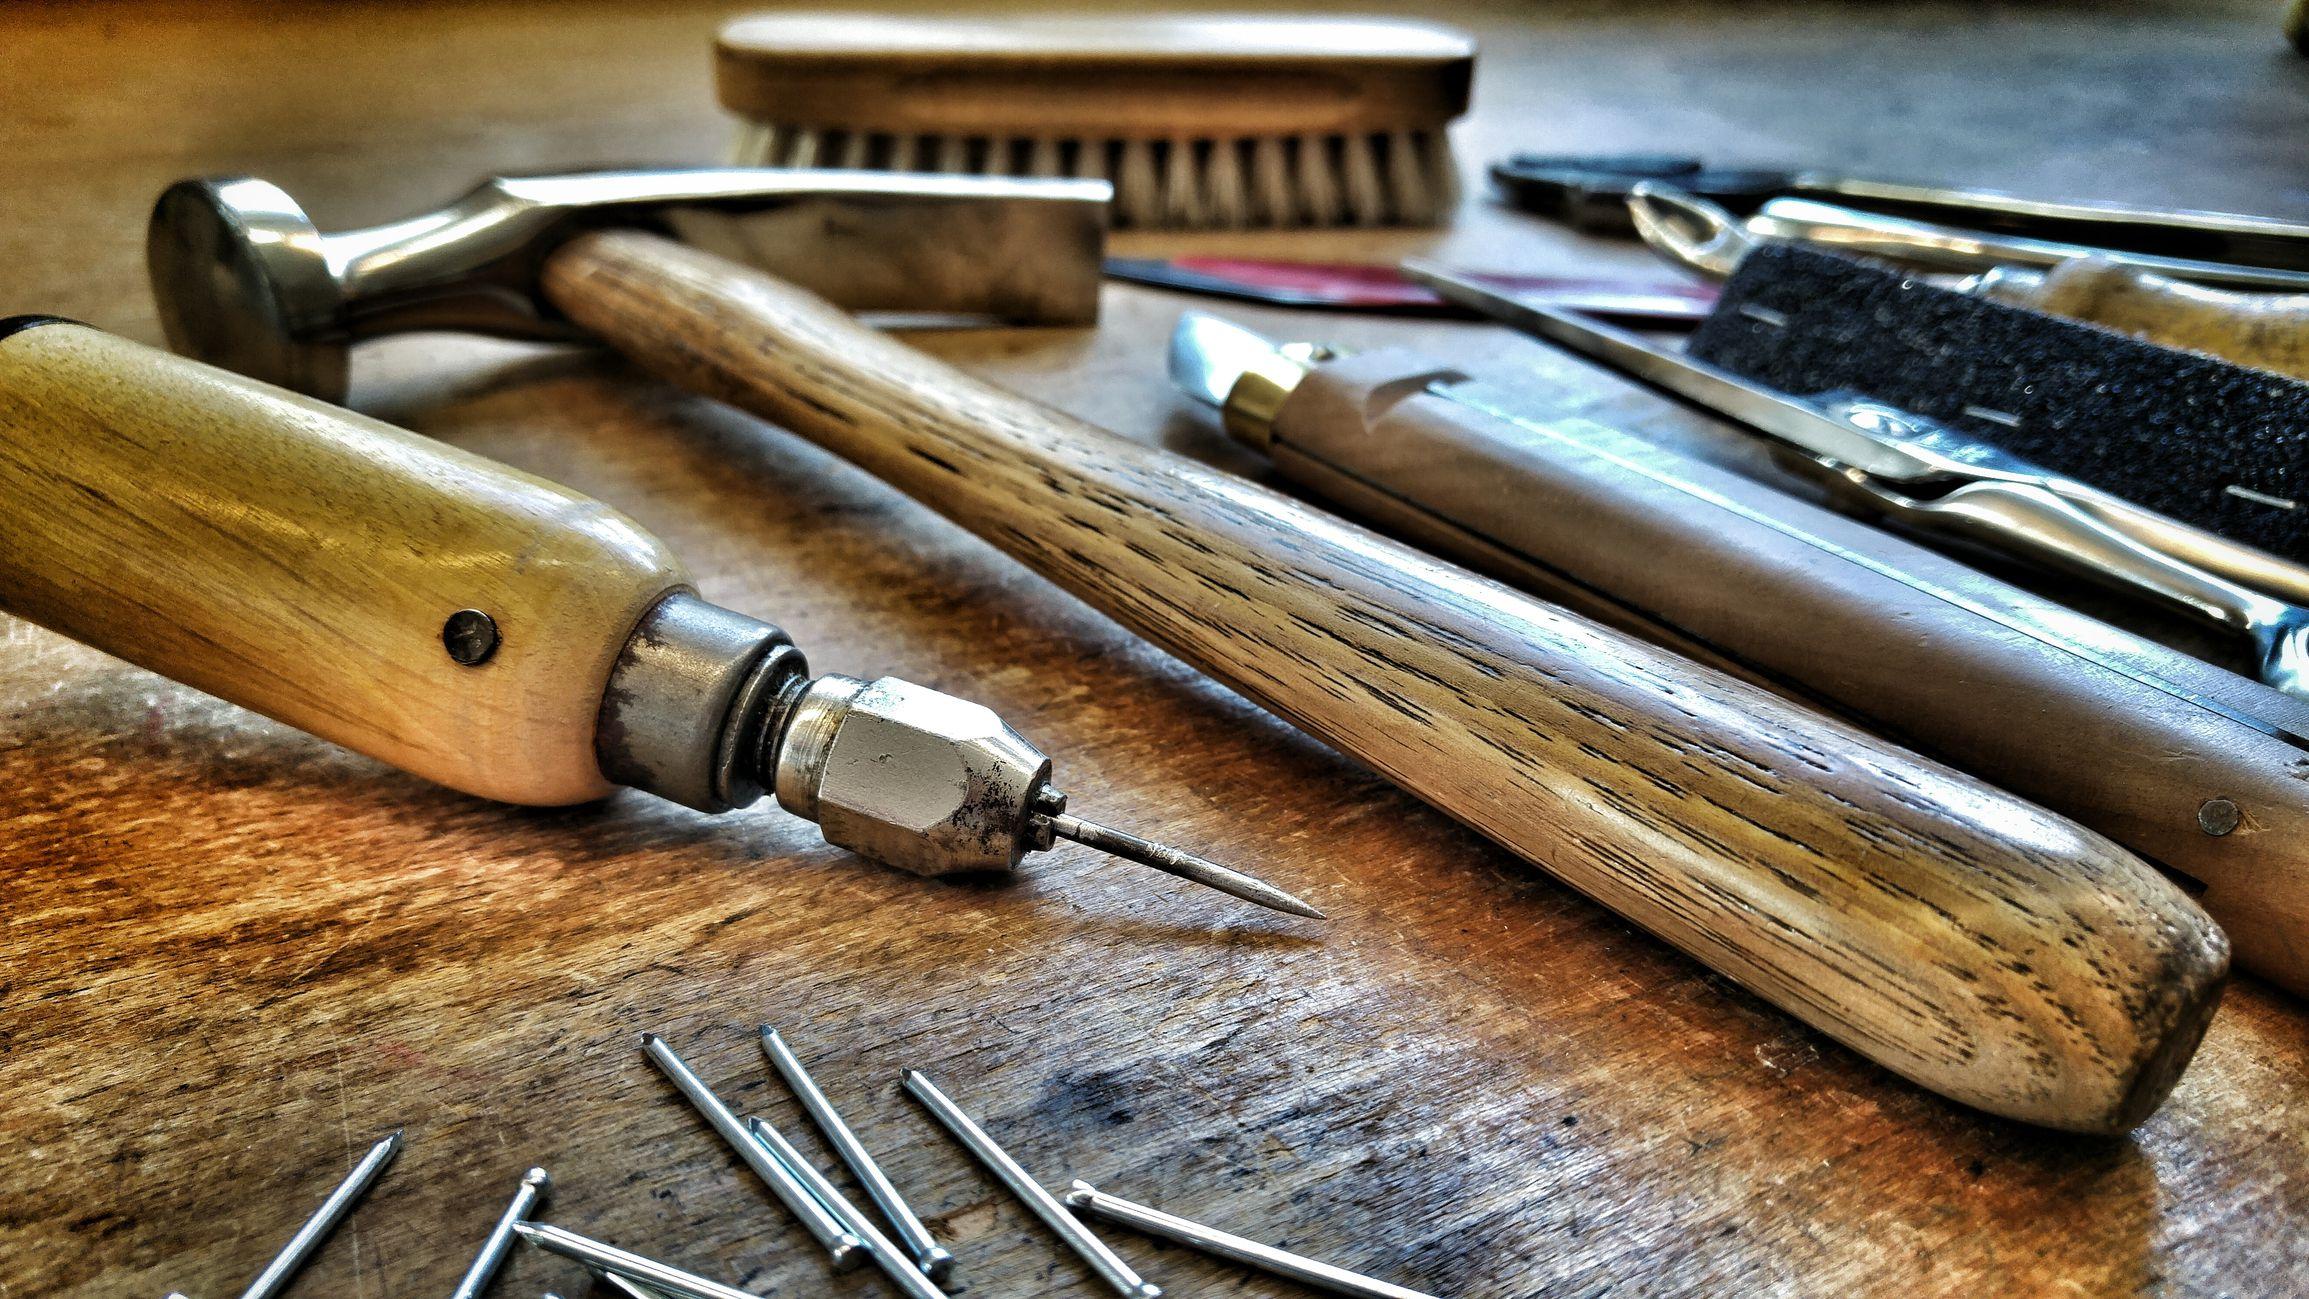 Herramientas b sicas de carpinter a para muebles de madera for Diseno de muebles para herramientas